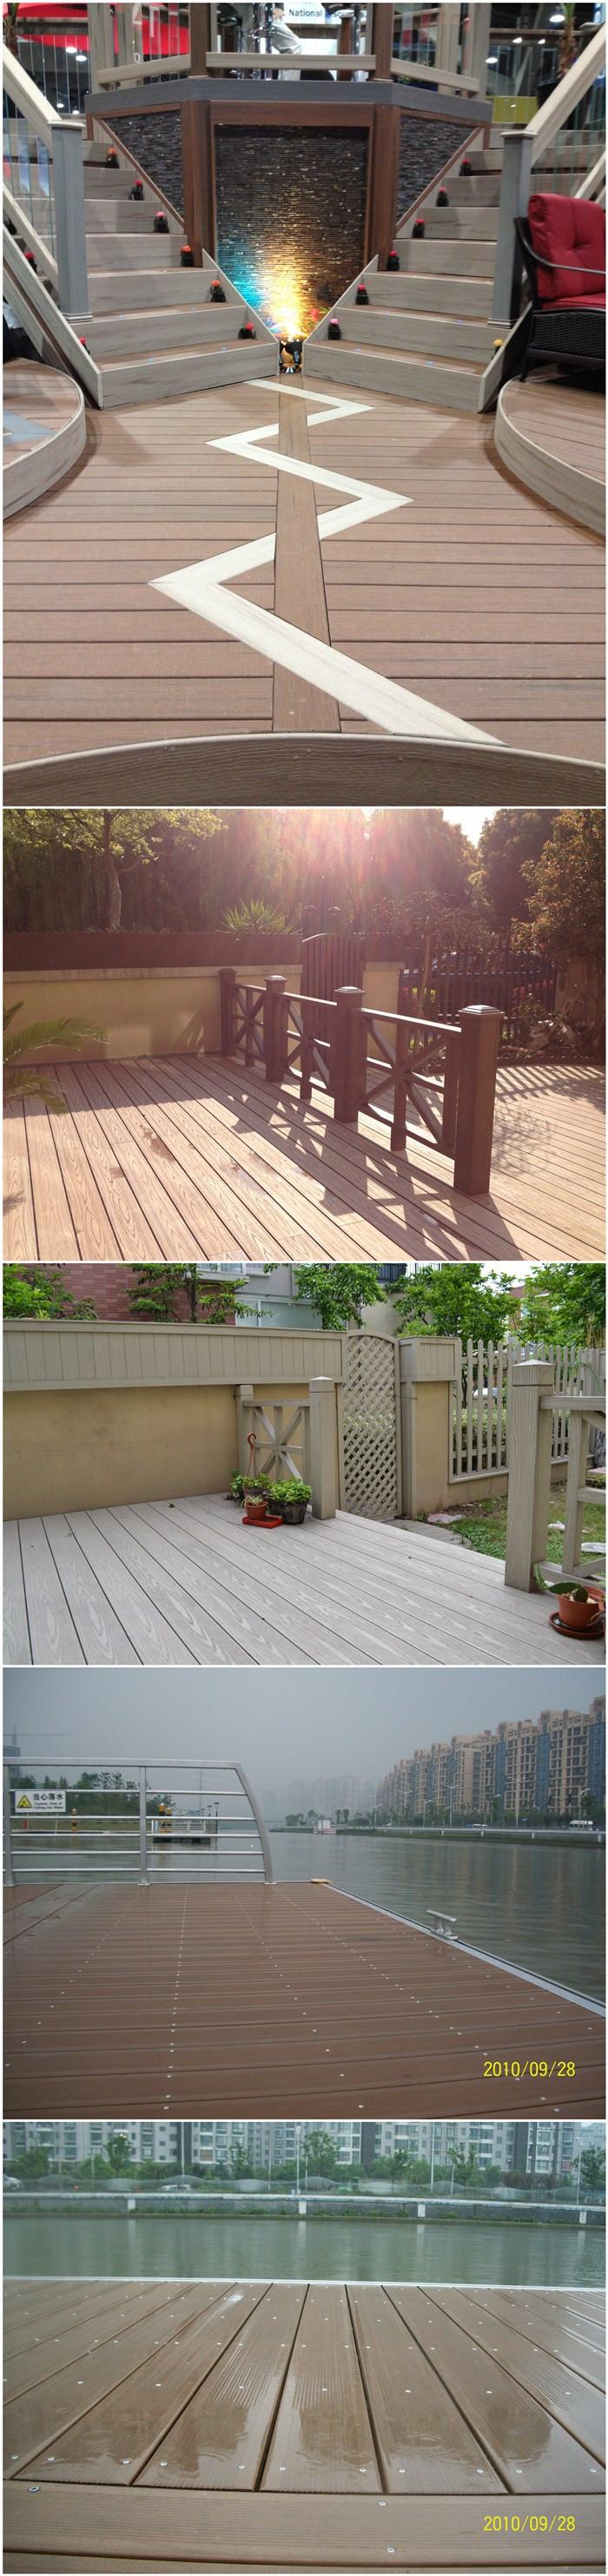 Outdoor Sundeck Flooring Options Buy Outdoor Sundeck